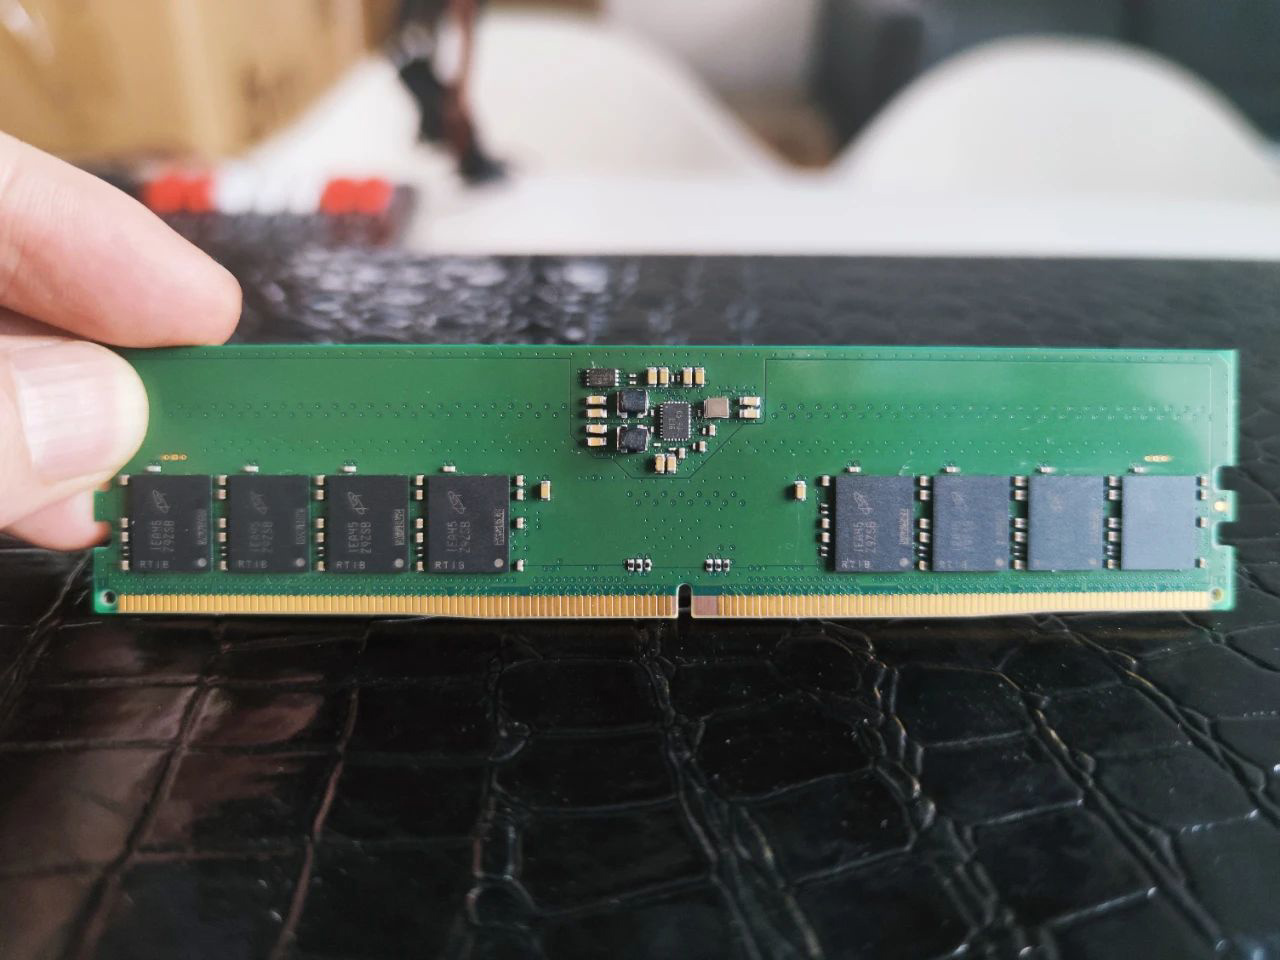 Модули памяти DDR5 будут доступны для платформ AMD и Intel следующего поколения позже в этом году